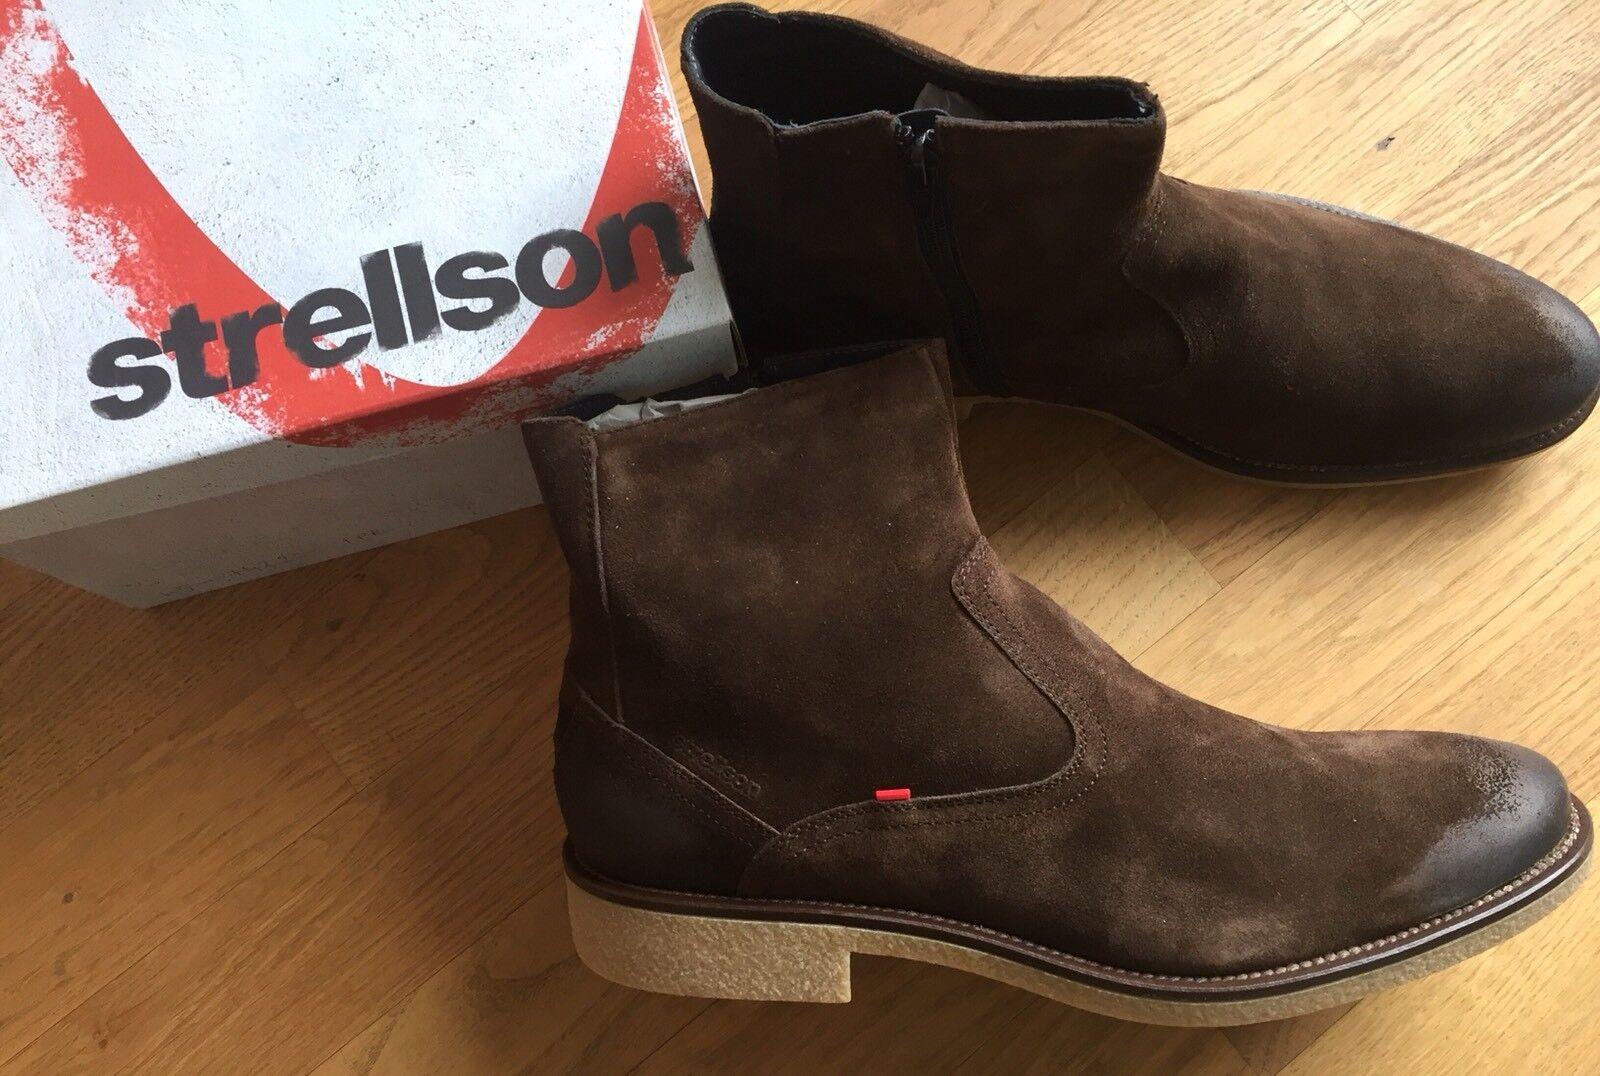 STRELLSON Herren Chelsea Stiefel Stiefeletten Stiefel Schuhe 45 neu mit Karton